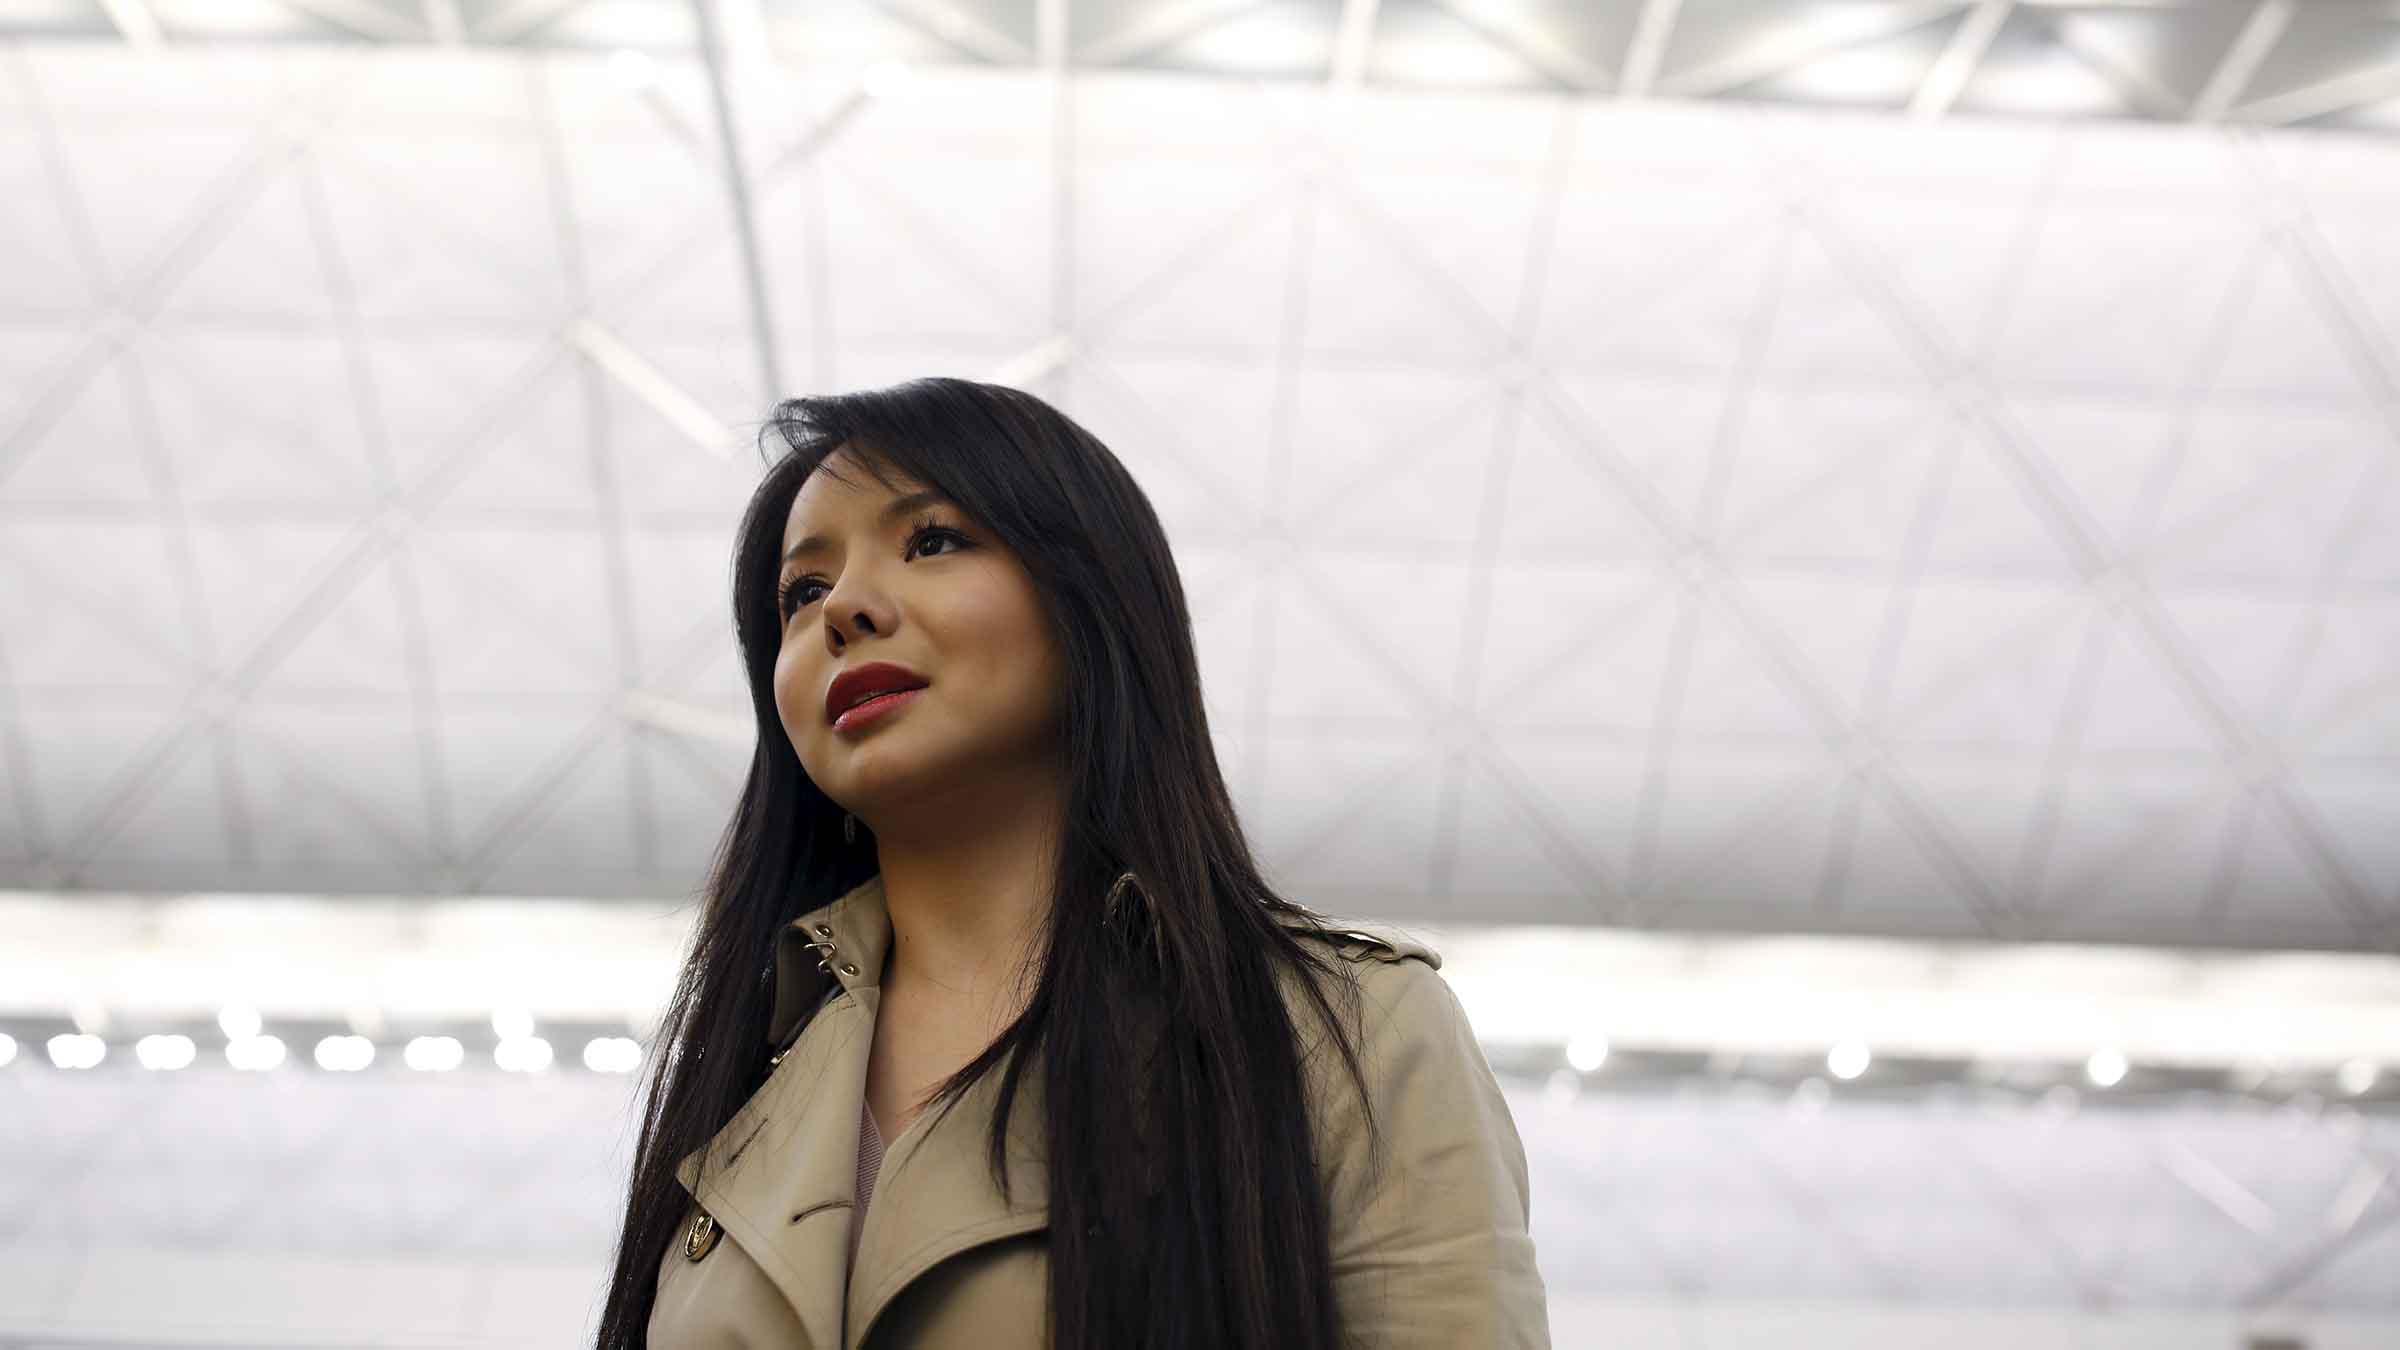 Miss World Canada Anastasia Lin poses for photo at the departure hall of Hong Kong Airport in Hong Kong, China